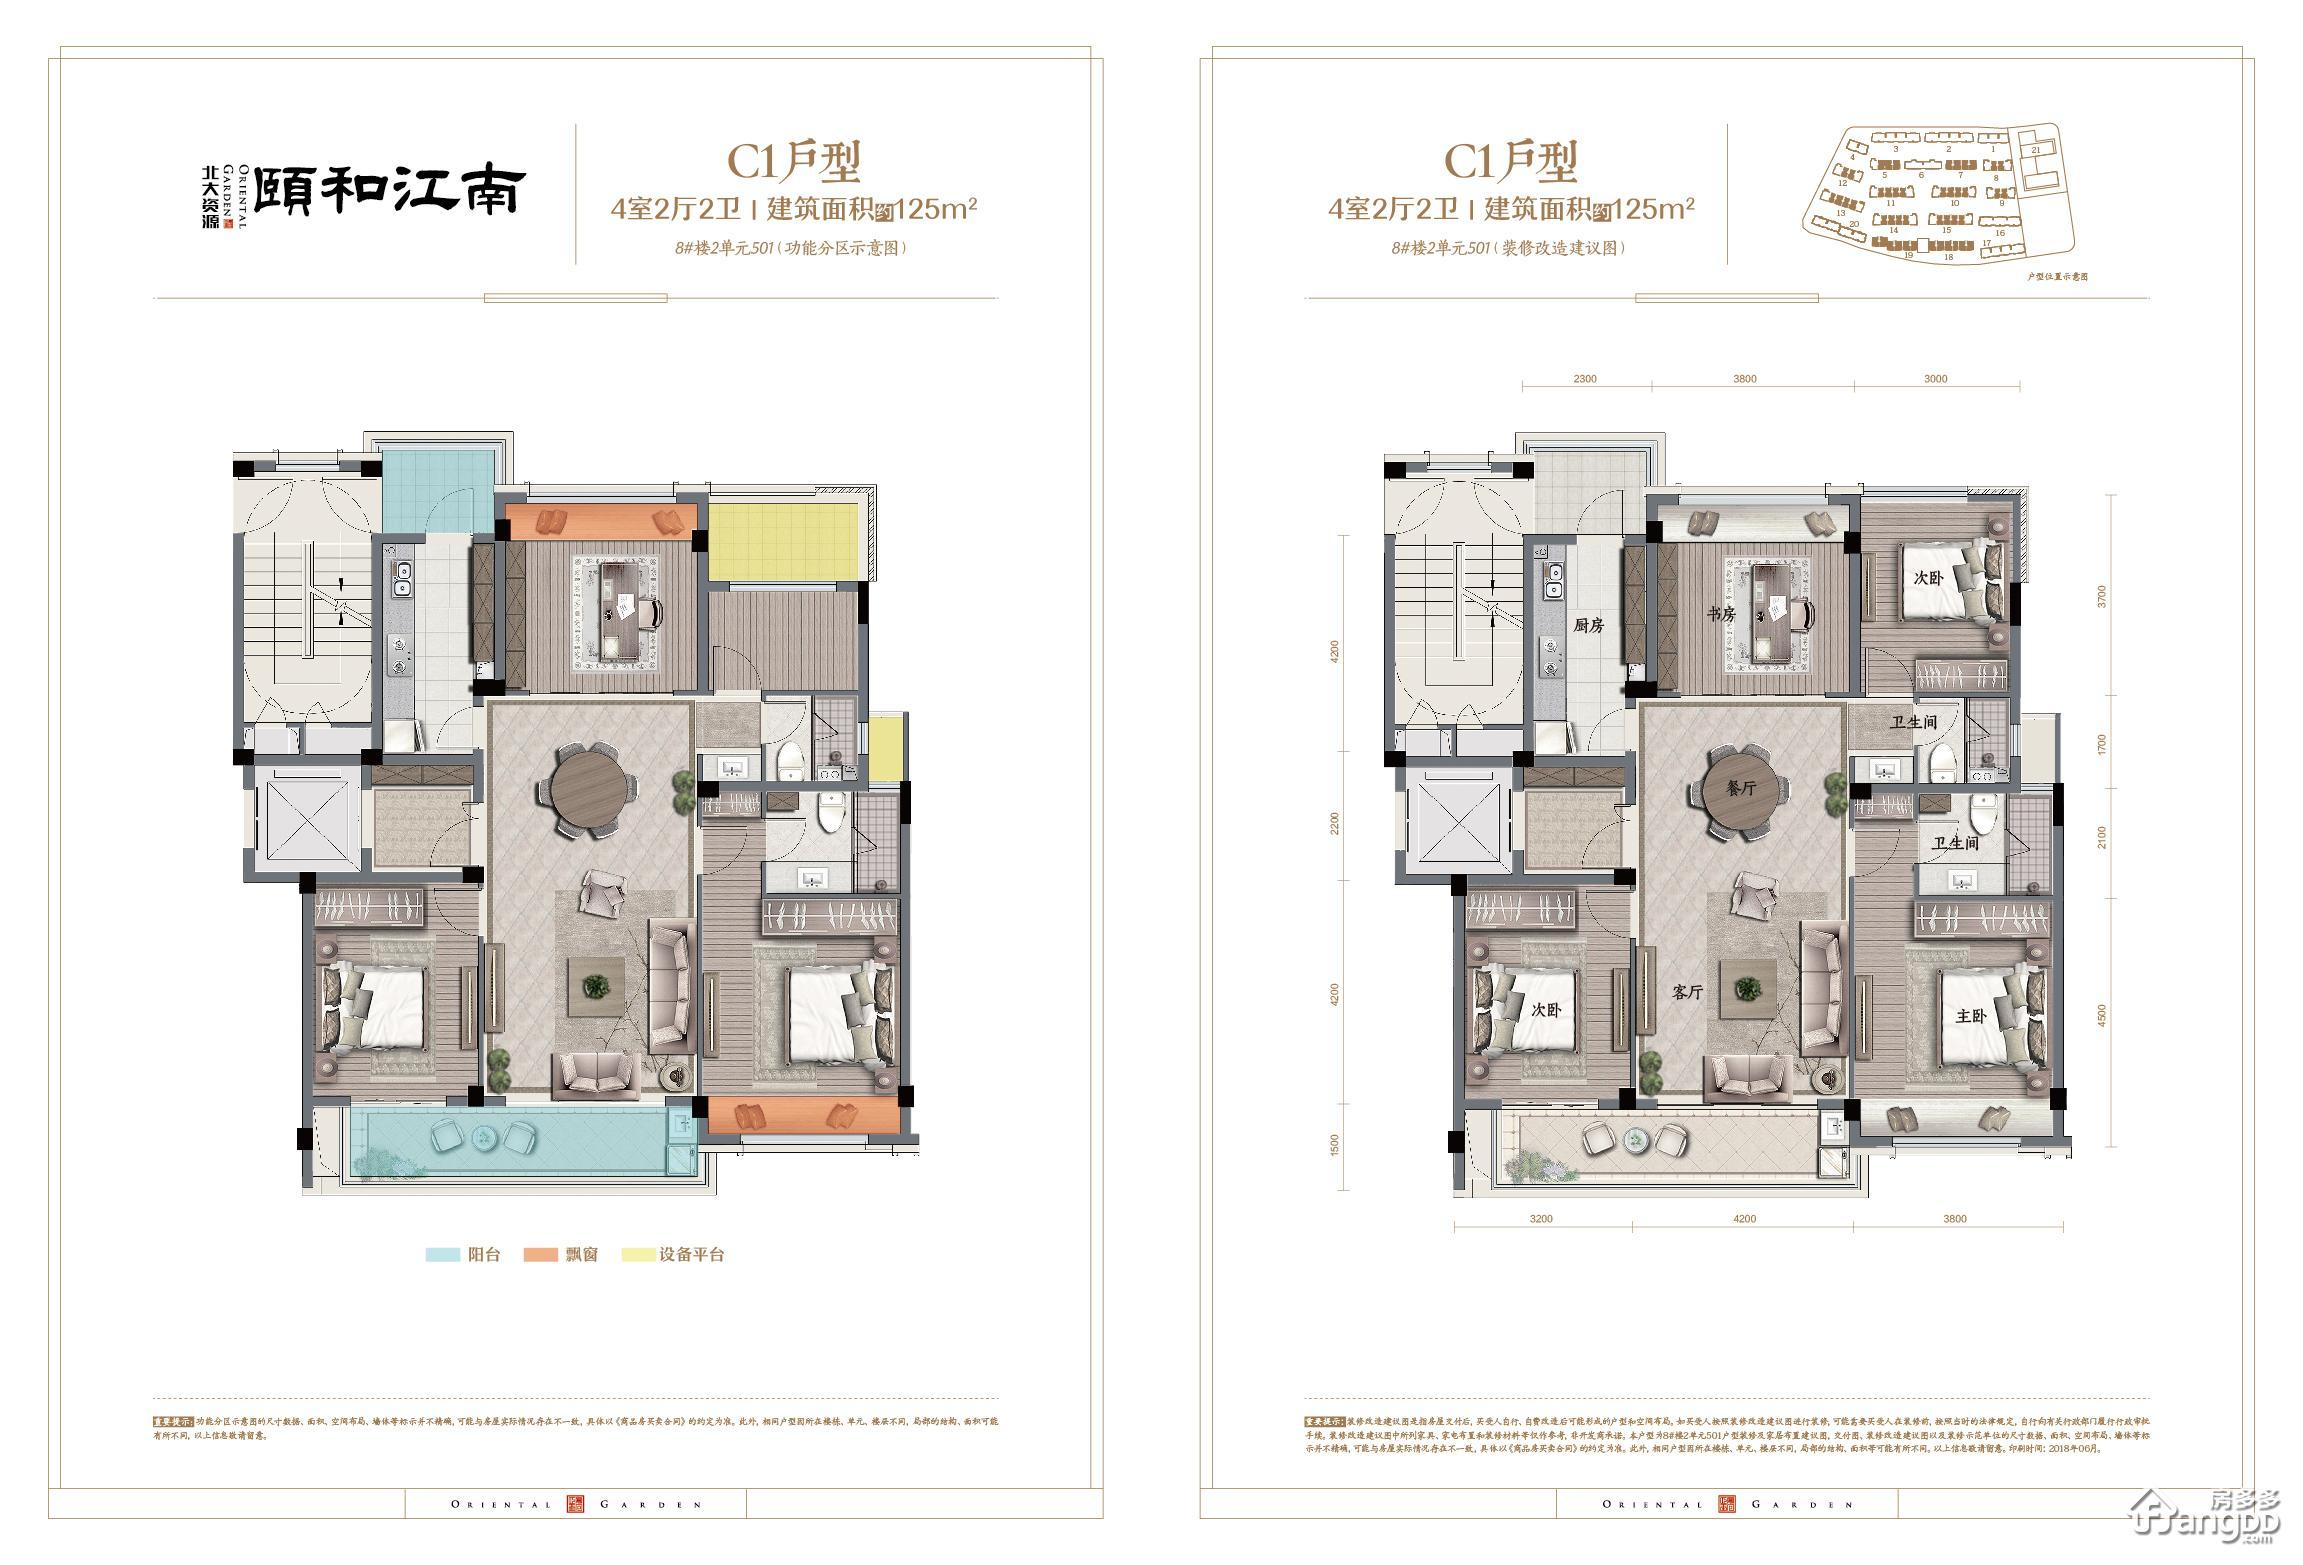 北大资源颐和江南4室2厅2卫户型图